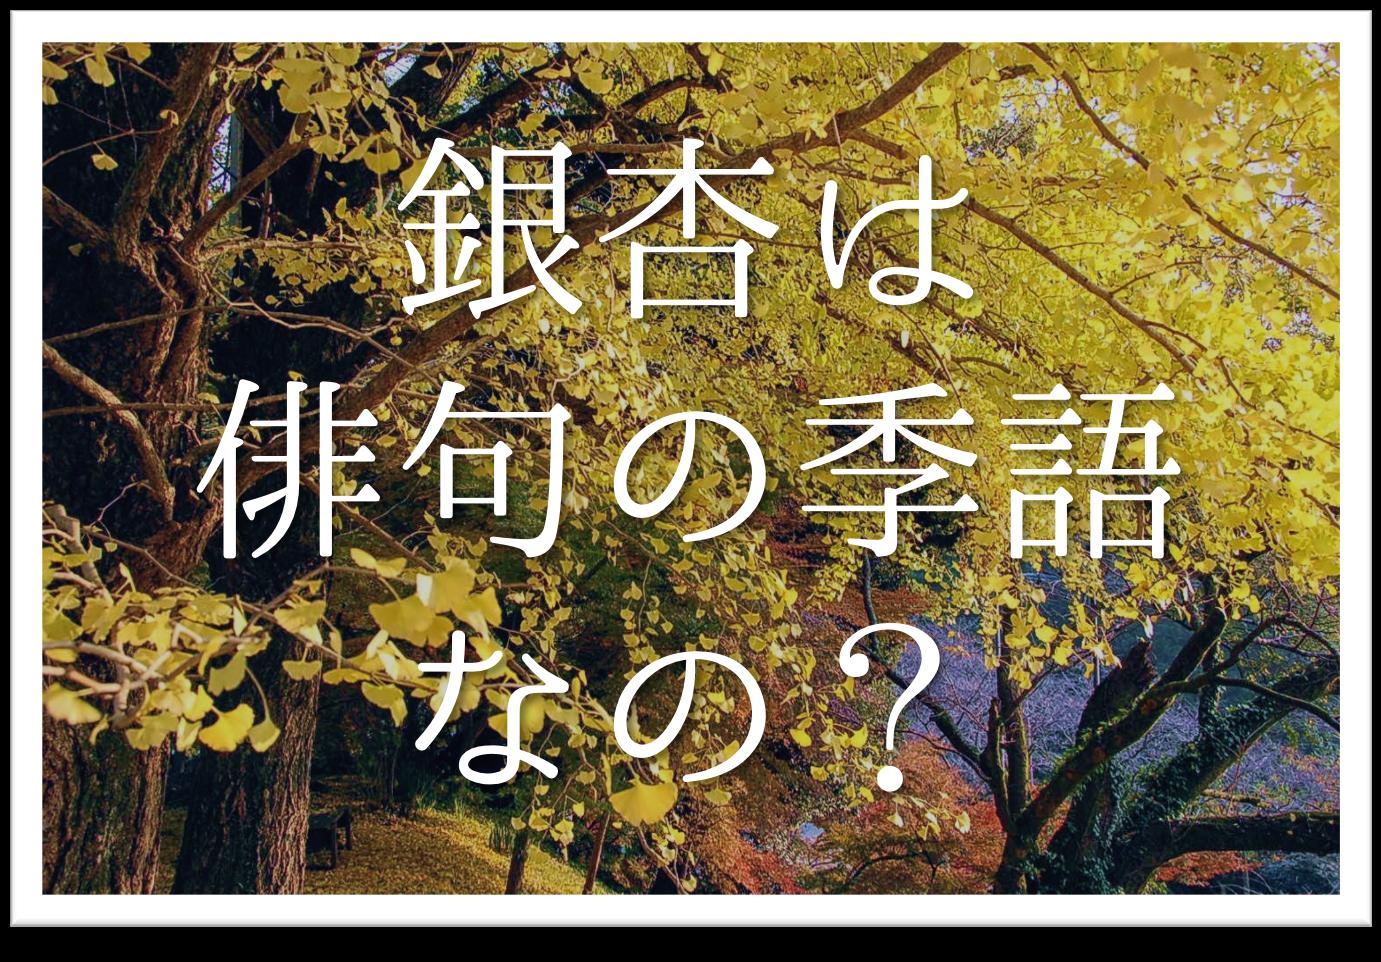 【銀杏は俳句の季語なのか?】簡単にわかりやすく解説!!いちょう•ぎんなん•大銀杏など